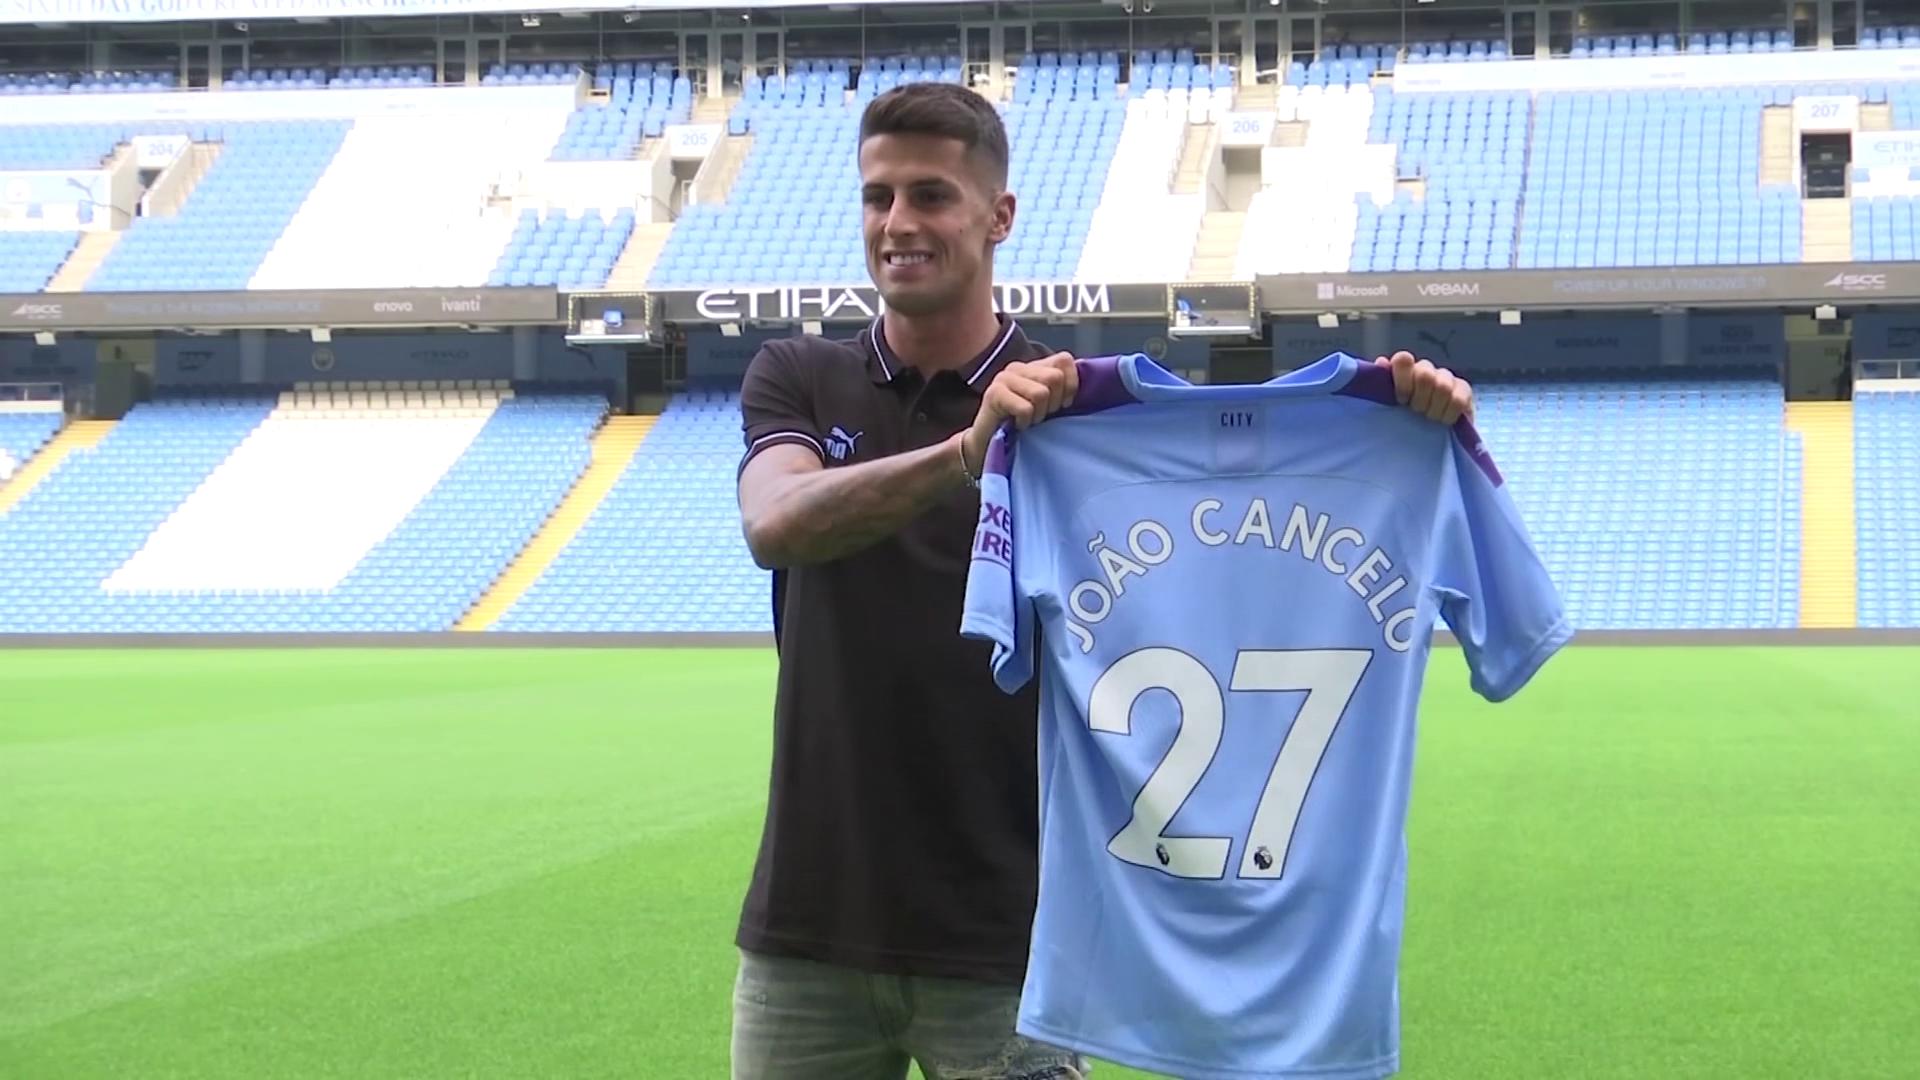 Manchester City'nin son transfer hamlesi, Juventus formasıyla çok iyi bir performans ortaya koymuş olan Joao Cancelo oldu.